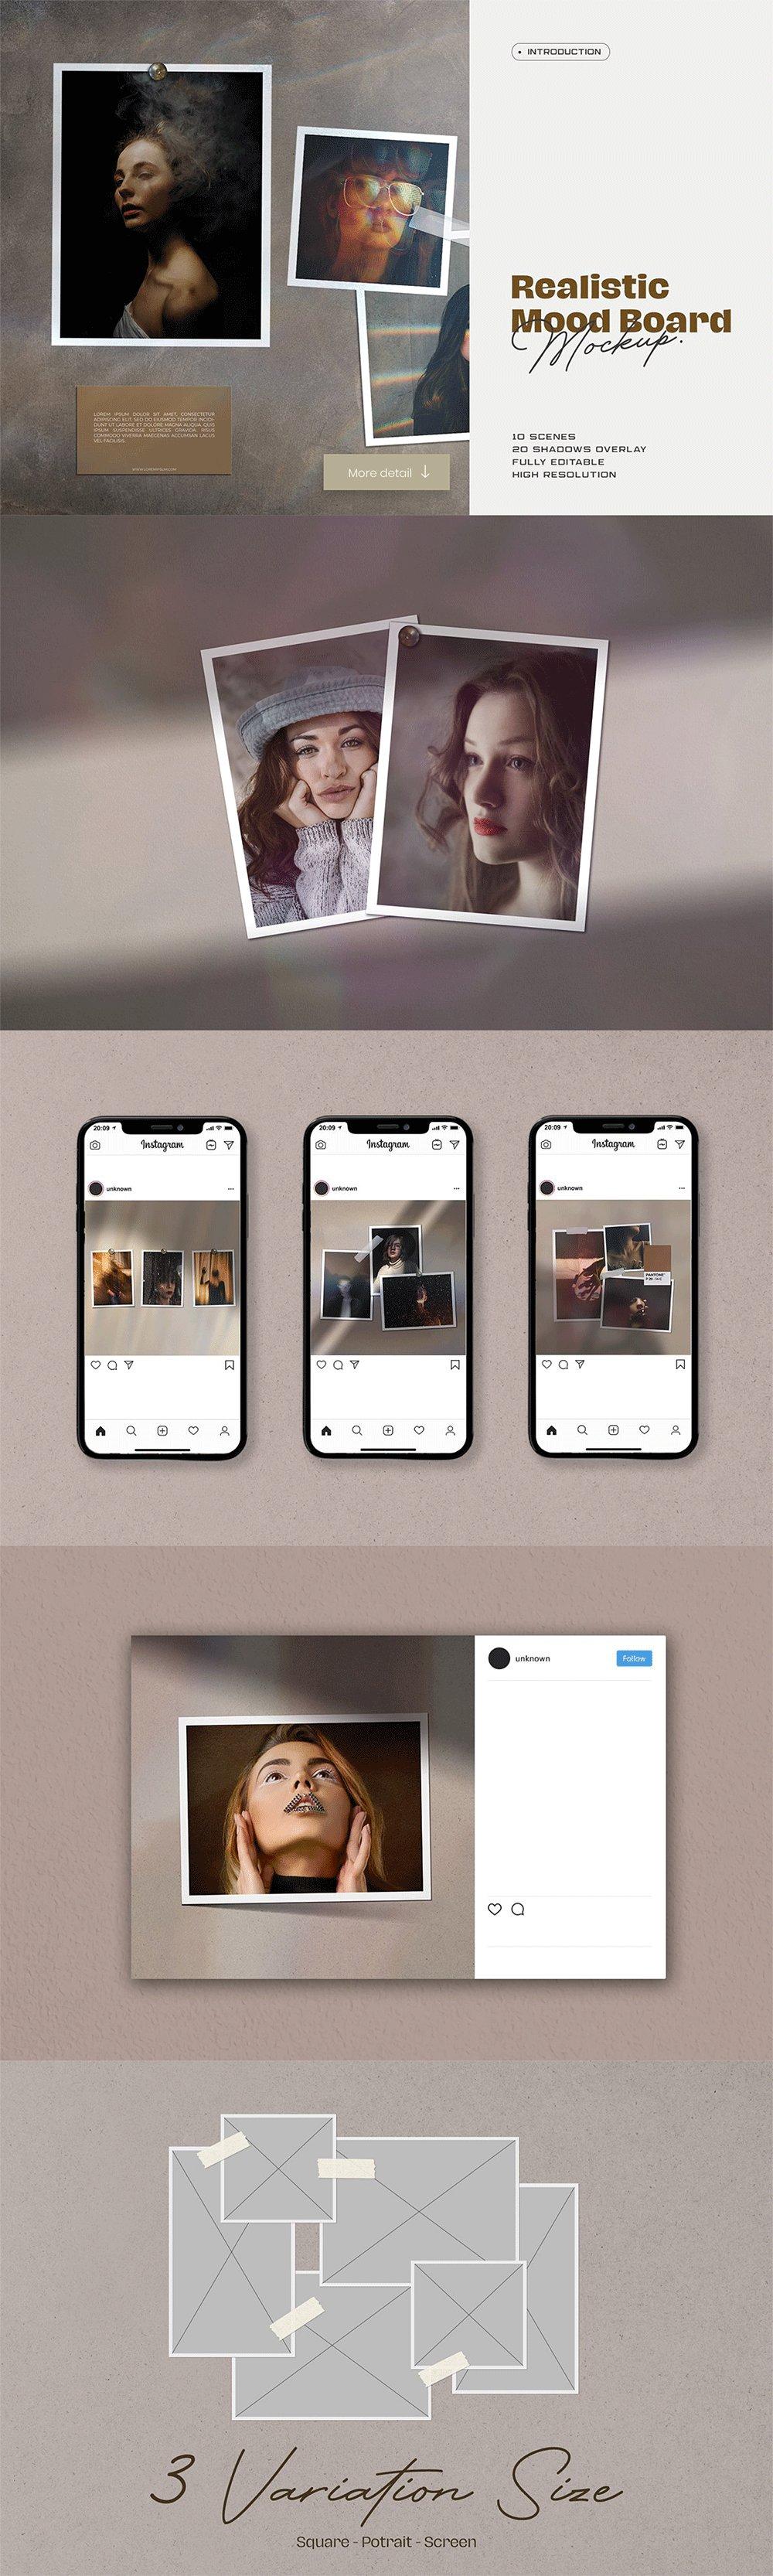 [淘宝购买] 10套文艺情绪板摄影相片卡片拼贴设计PSD源文件 Bundle Moodboard Mockup V1插图(8)